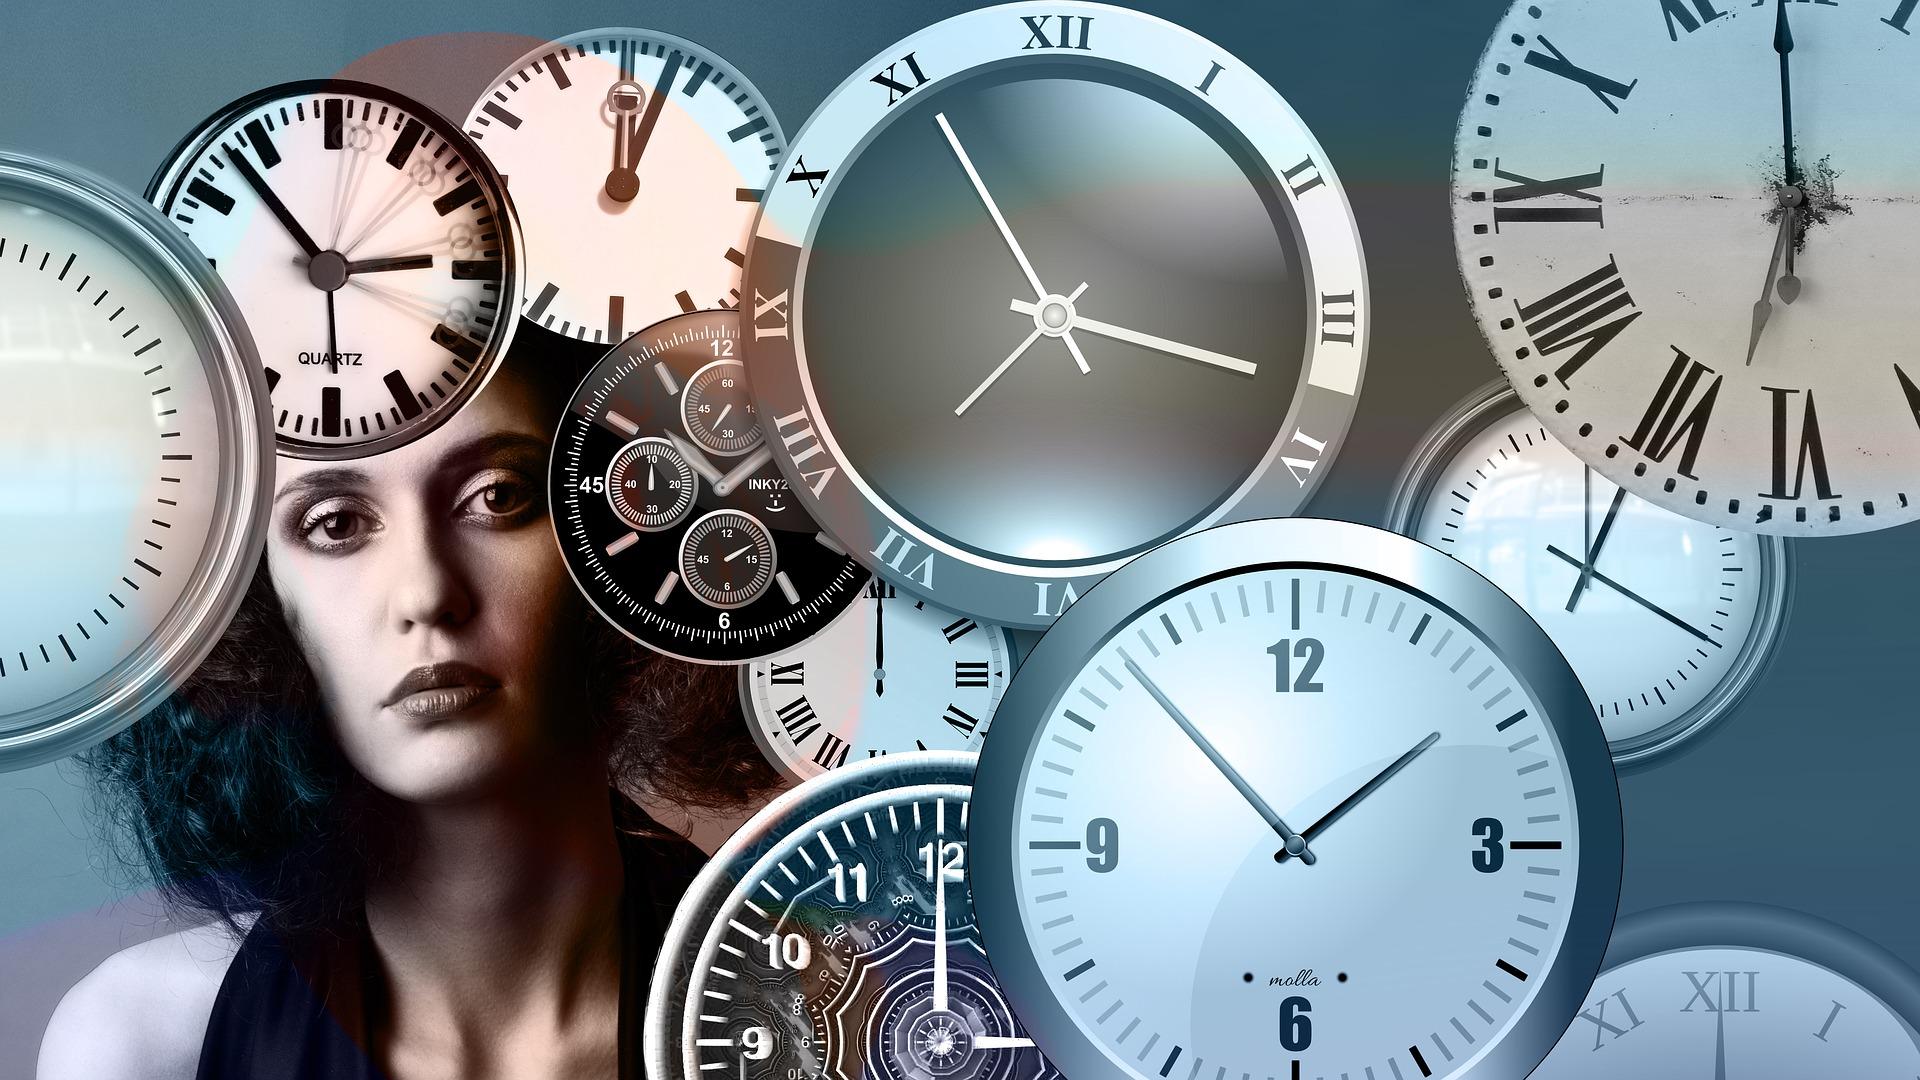 time-1739629_1920_1.jpg